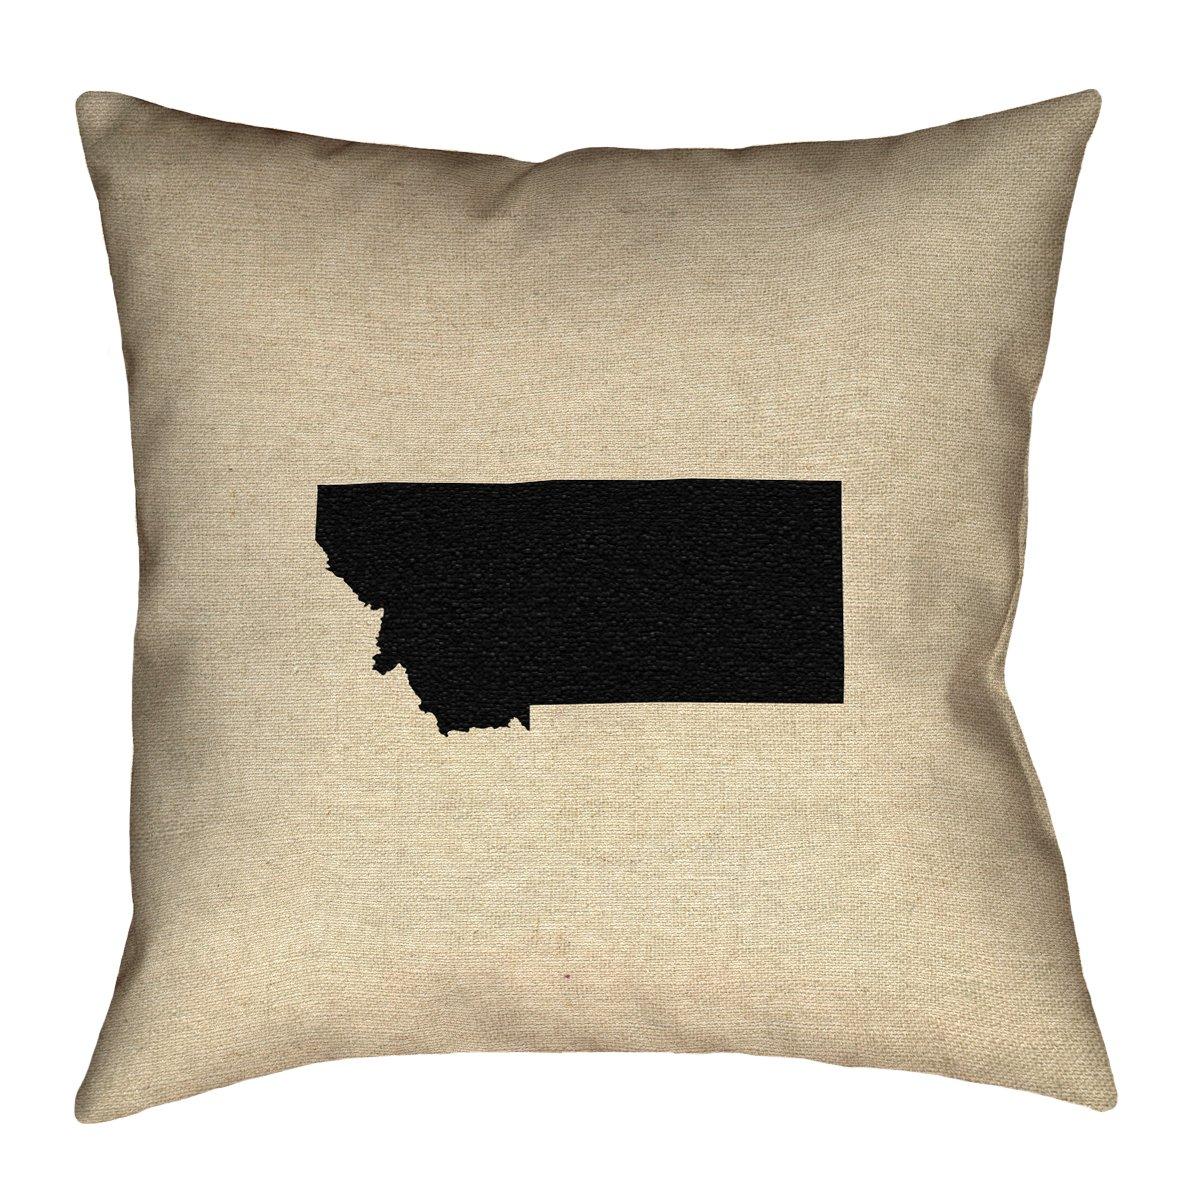 ArtVerse Katelyn Smith 16 x 16 Indoor//Outdoor UV Properties-Waterproof and Mildew Proof Montana Pillow